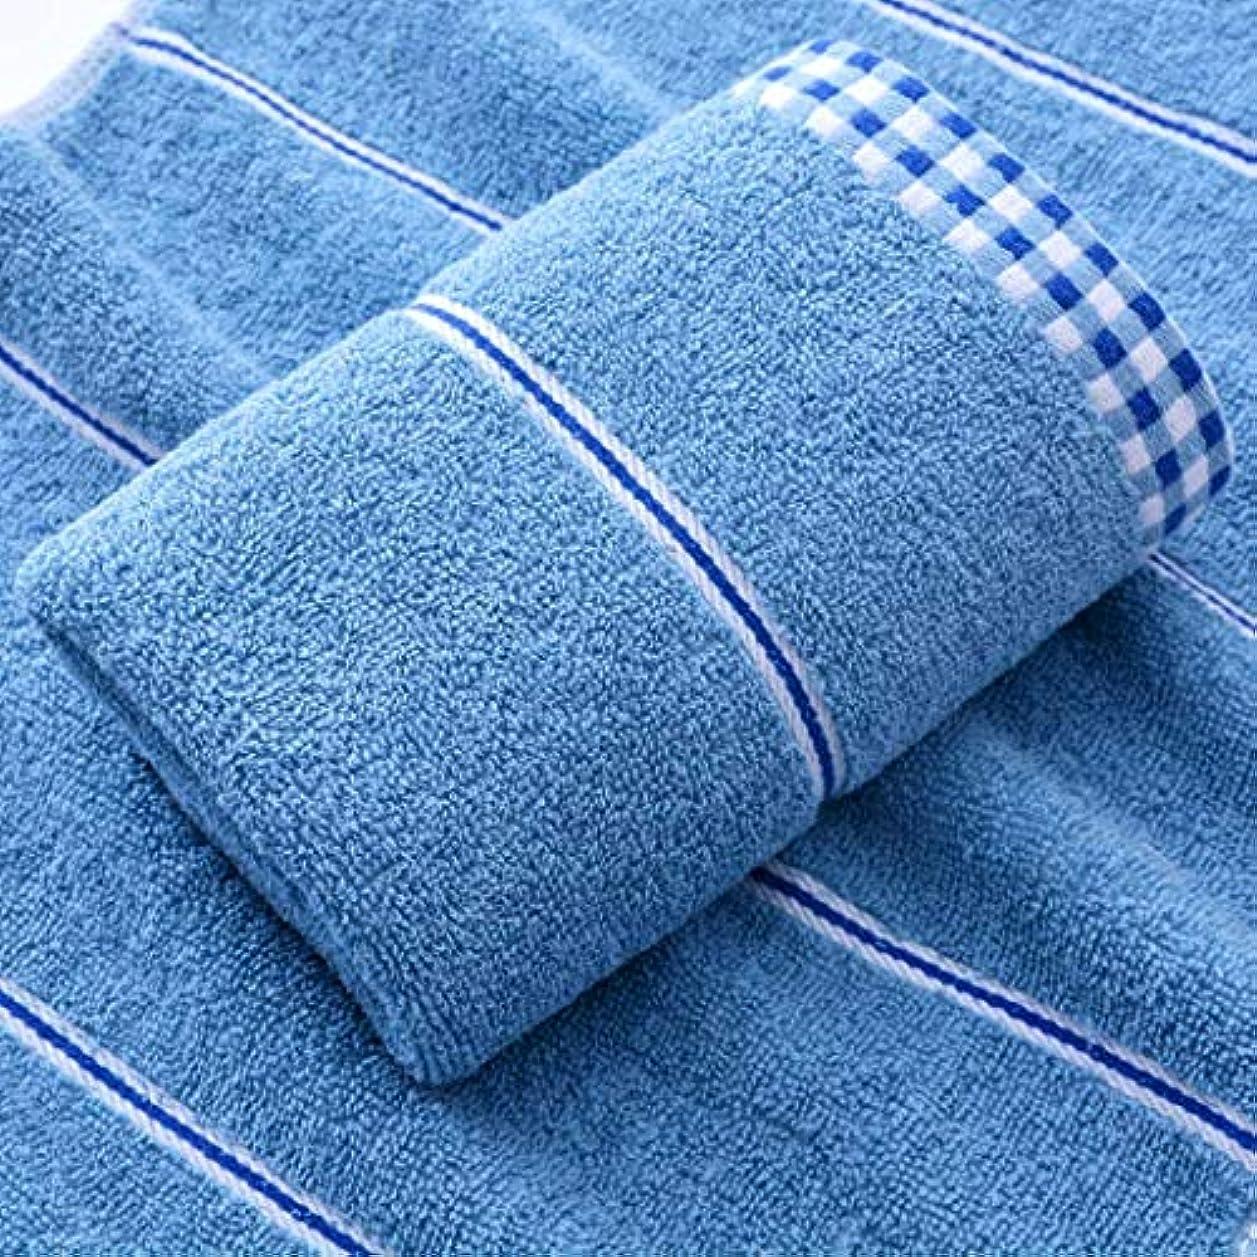 小包危険にさらされている世界ファッション高級スーパーソフトコットンタオルと速乾性タオル,Blue,33*73cm